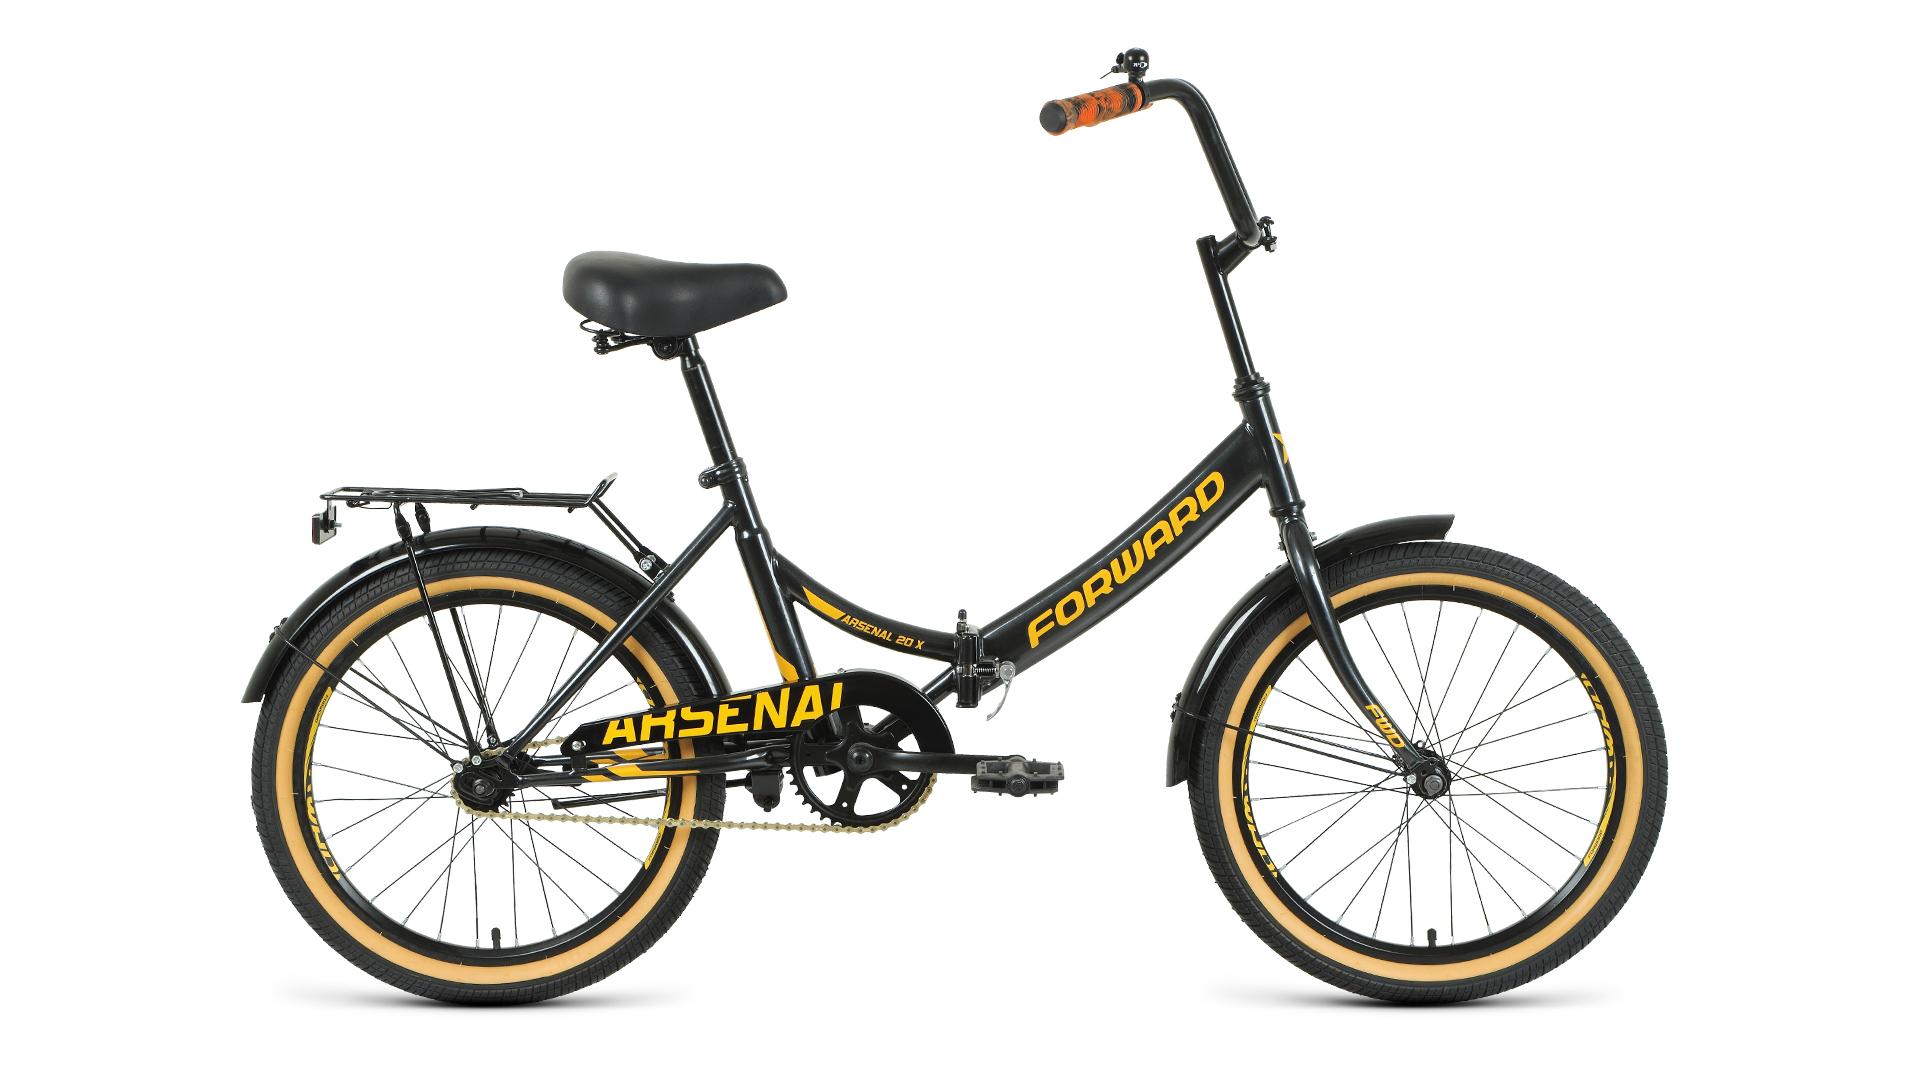 Велосипед Forward Arsenal 20 X (2021)